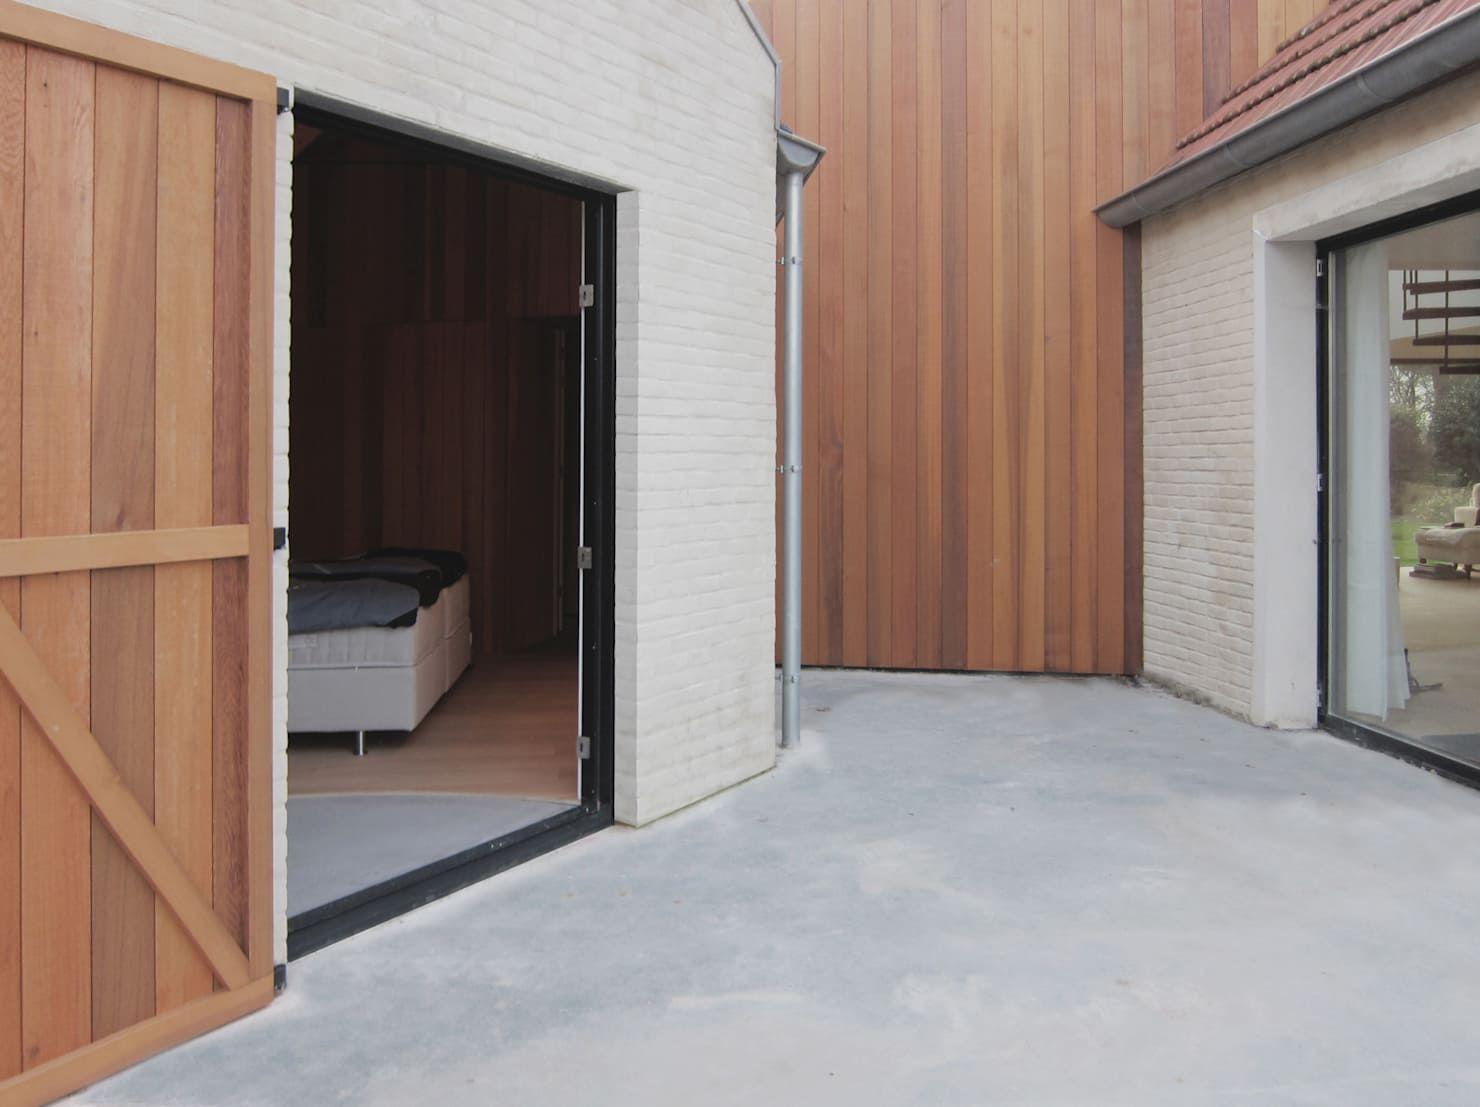 Küchendesign für bungalowhaus moderner umbau eines bauernhauses aus backstein  renovieren  pinterest